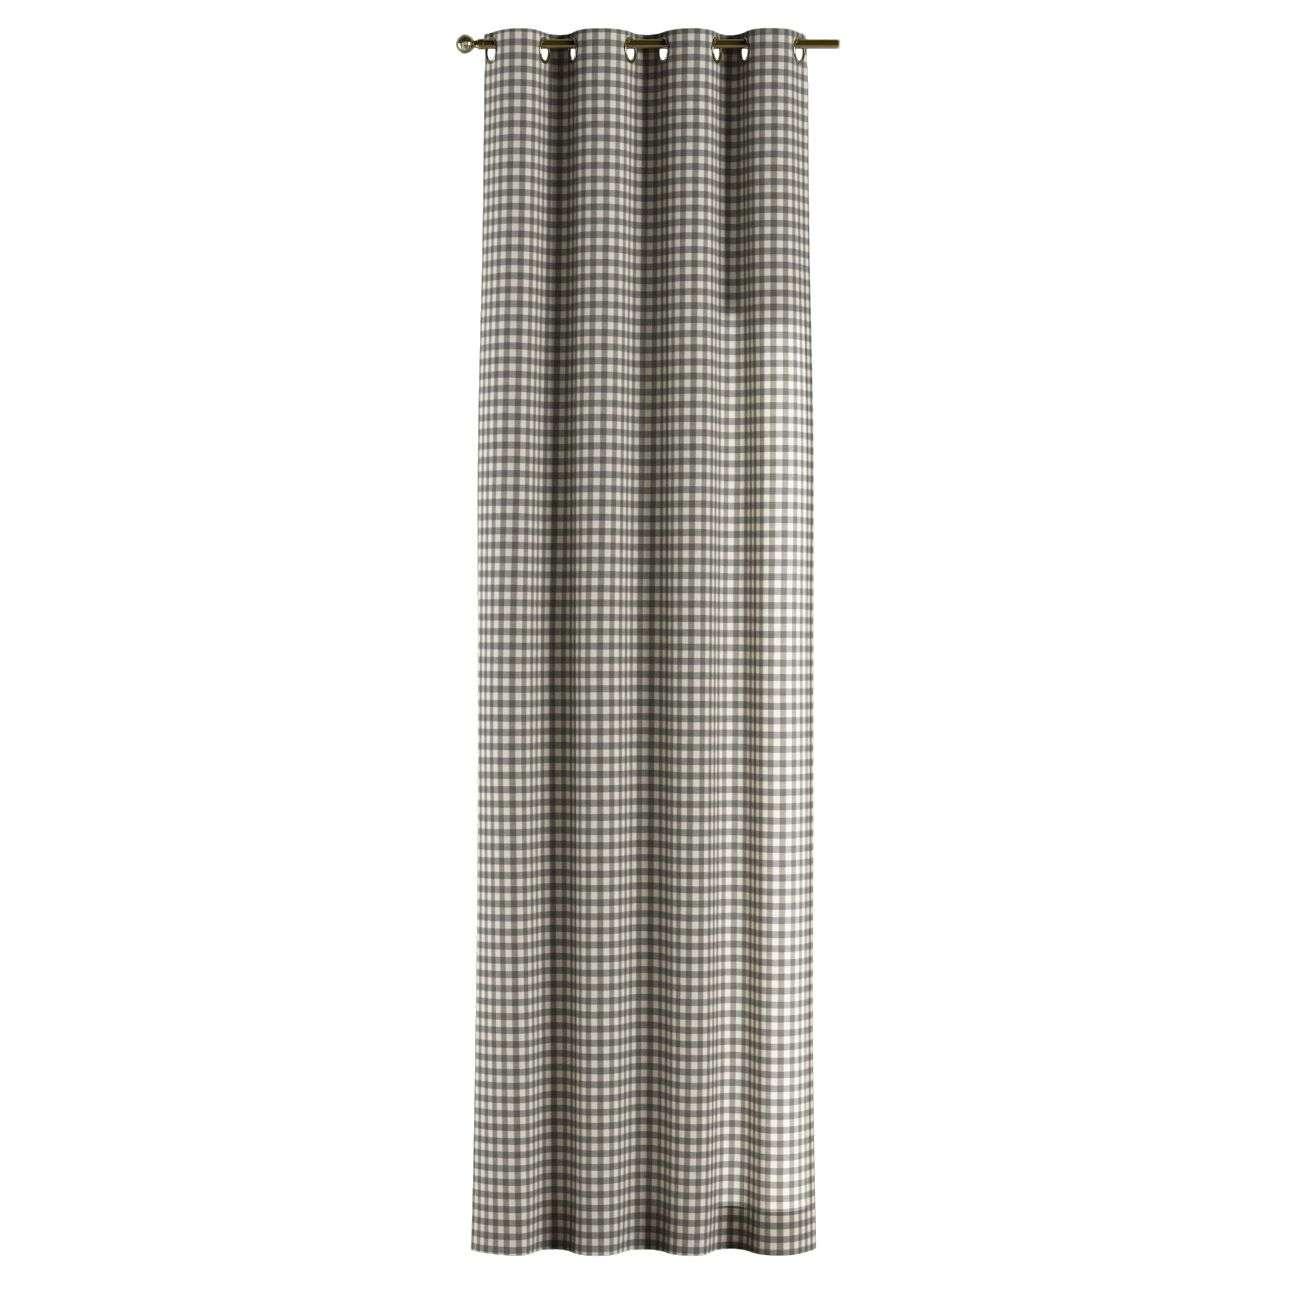 Žiedinio klostavimo užuolaidos kolekcijoje Quadro, audinys: 136-11